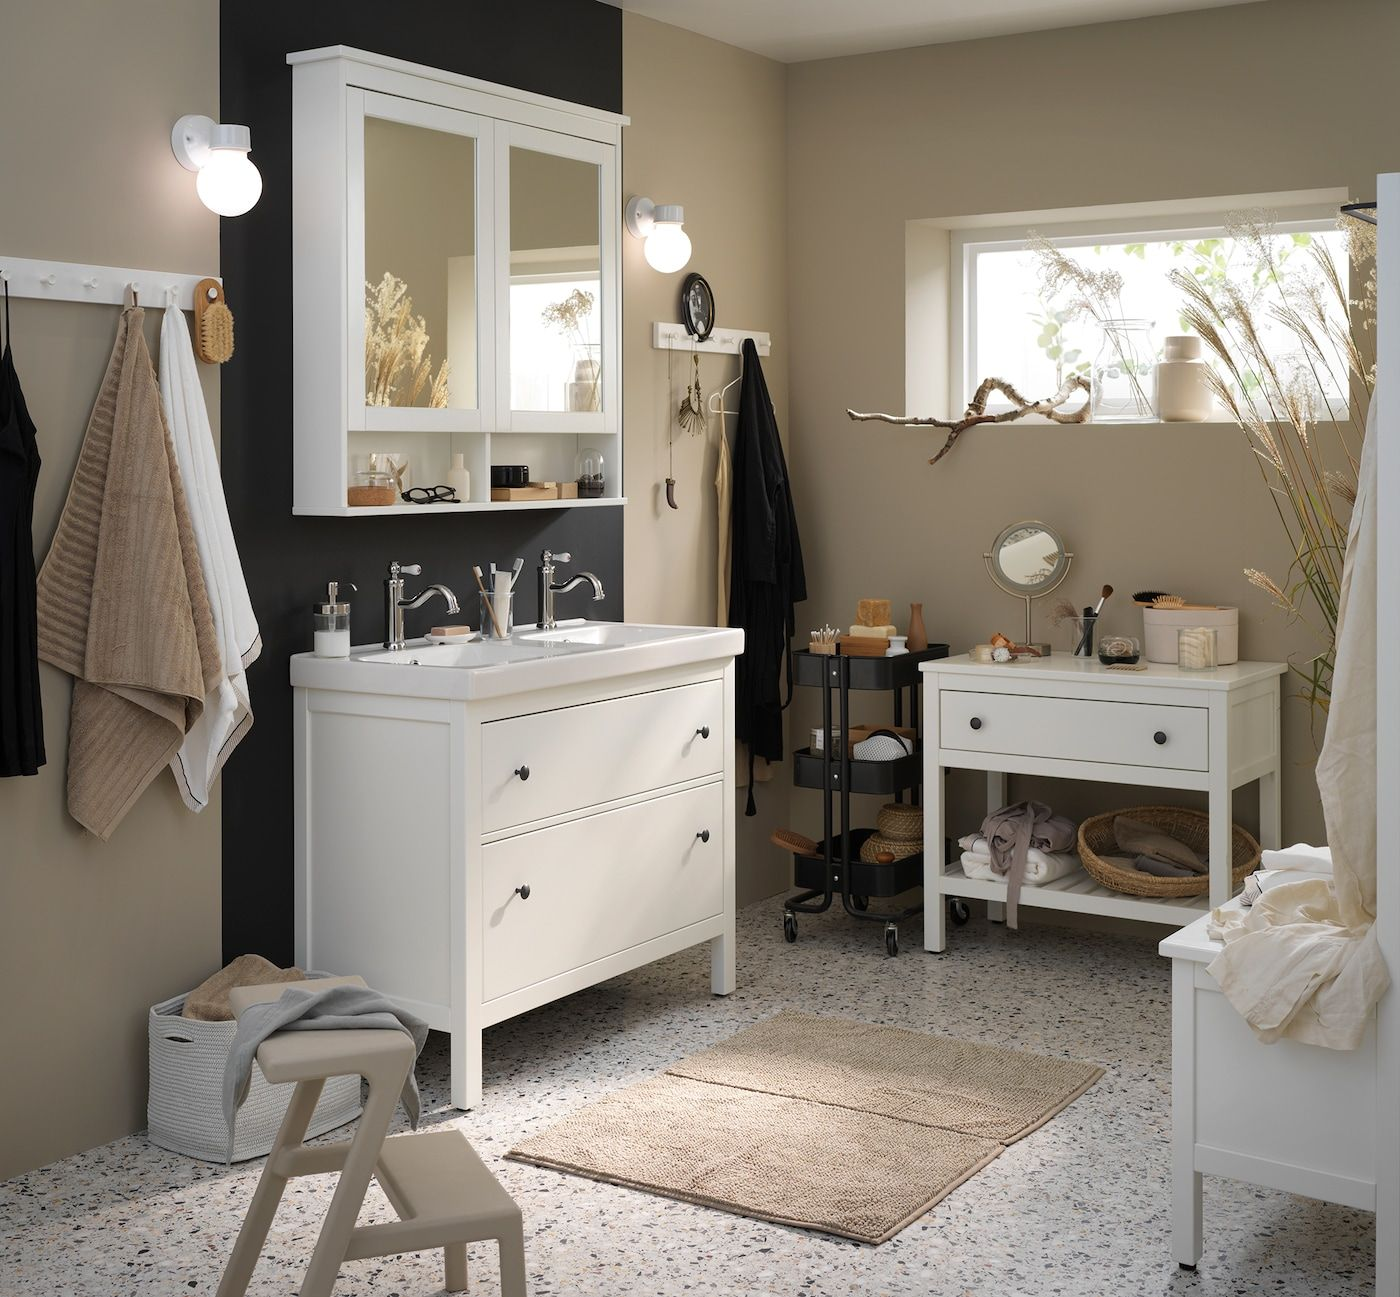 Bad mit HEMNES Serie modern einrichten in 10  Ikea badezimmer